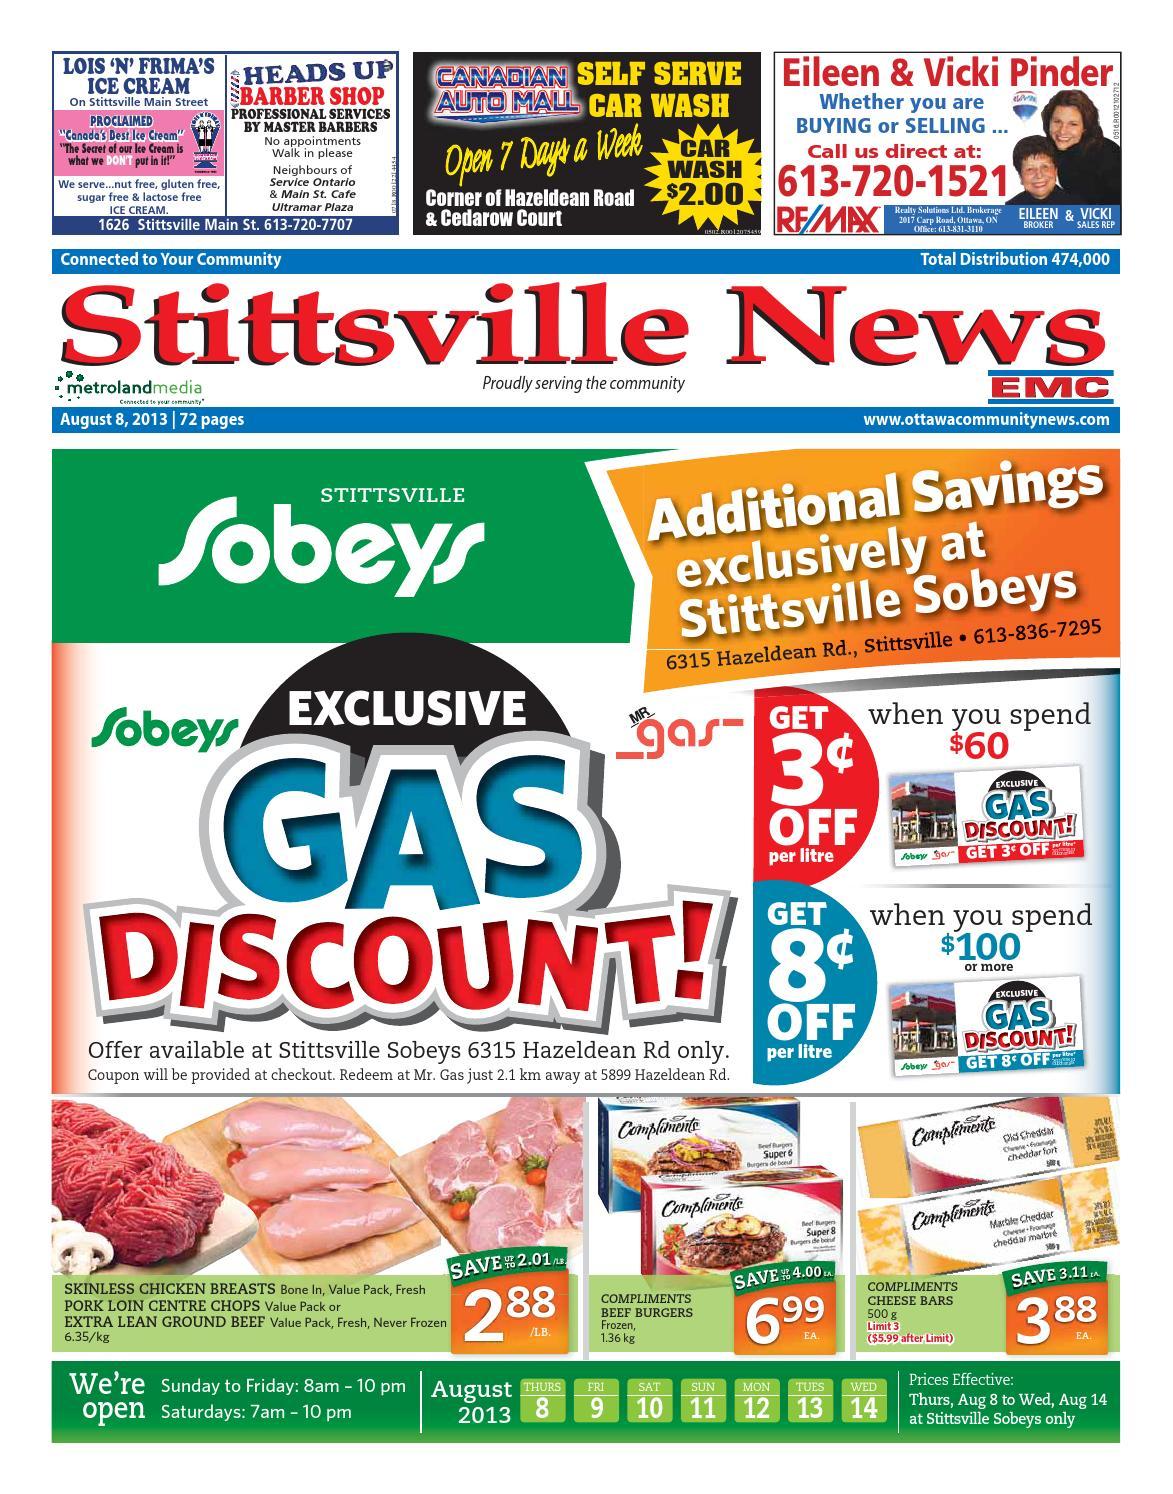 Stittsville080813 By Metroland East Stittsville News Issuu Maytag Vos Washer Diagram Additionally Parts